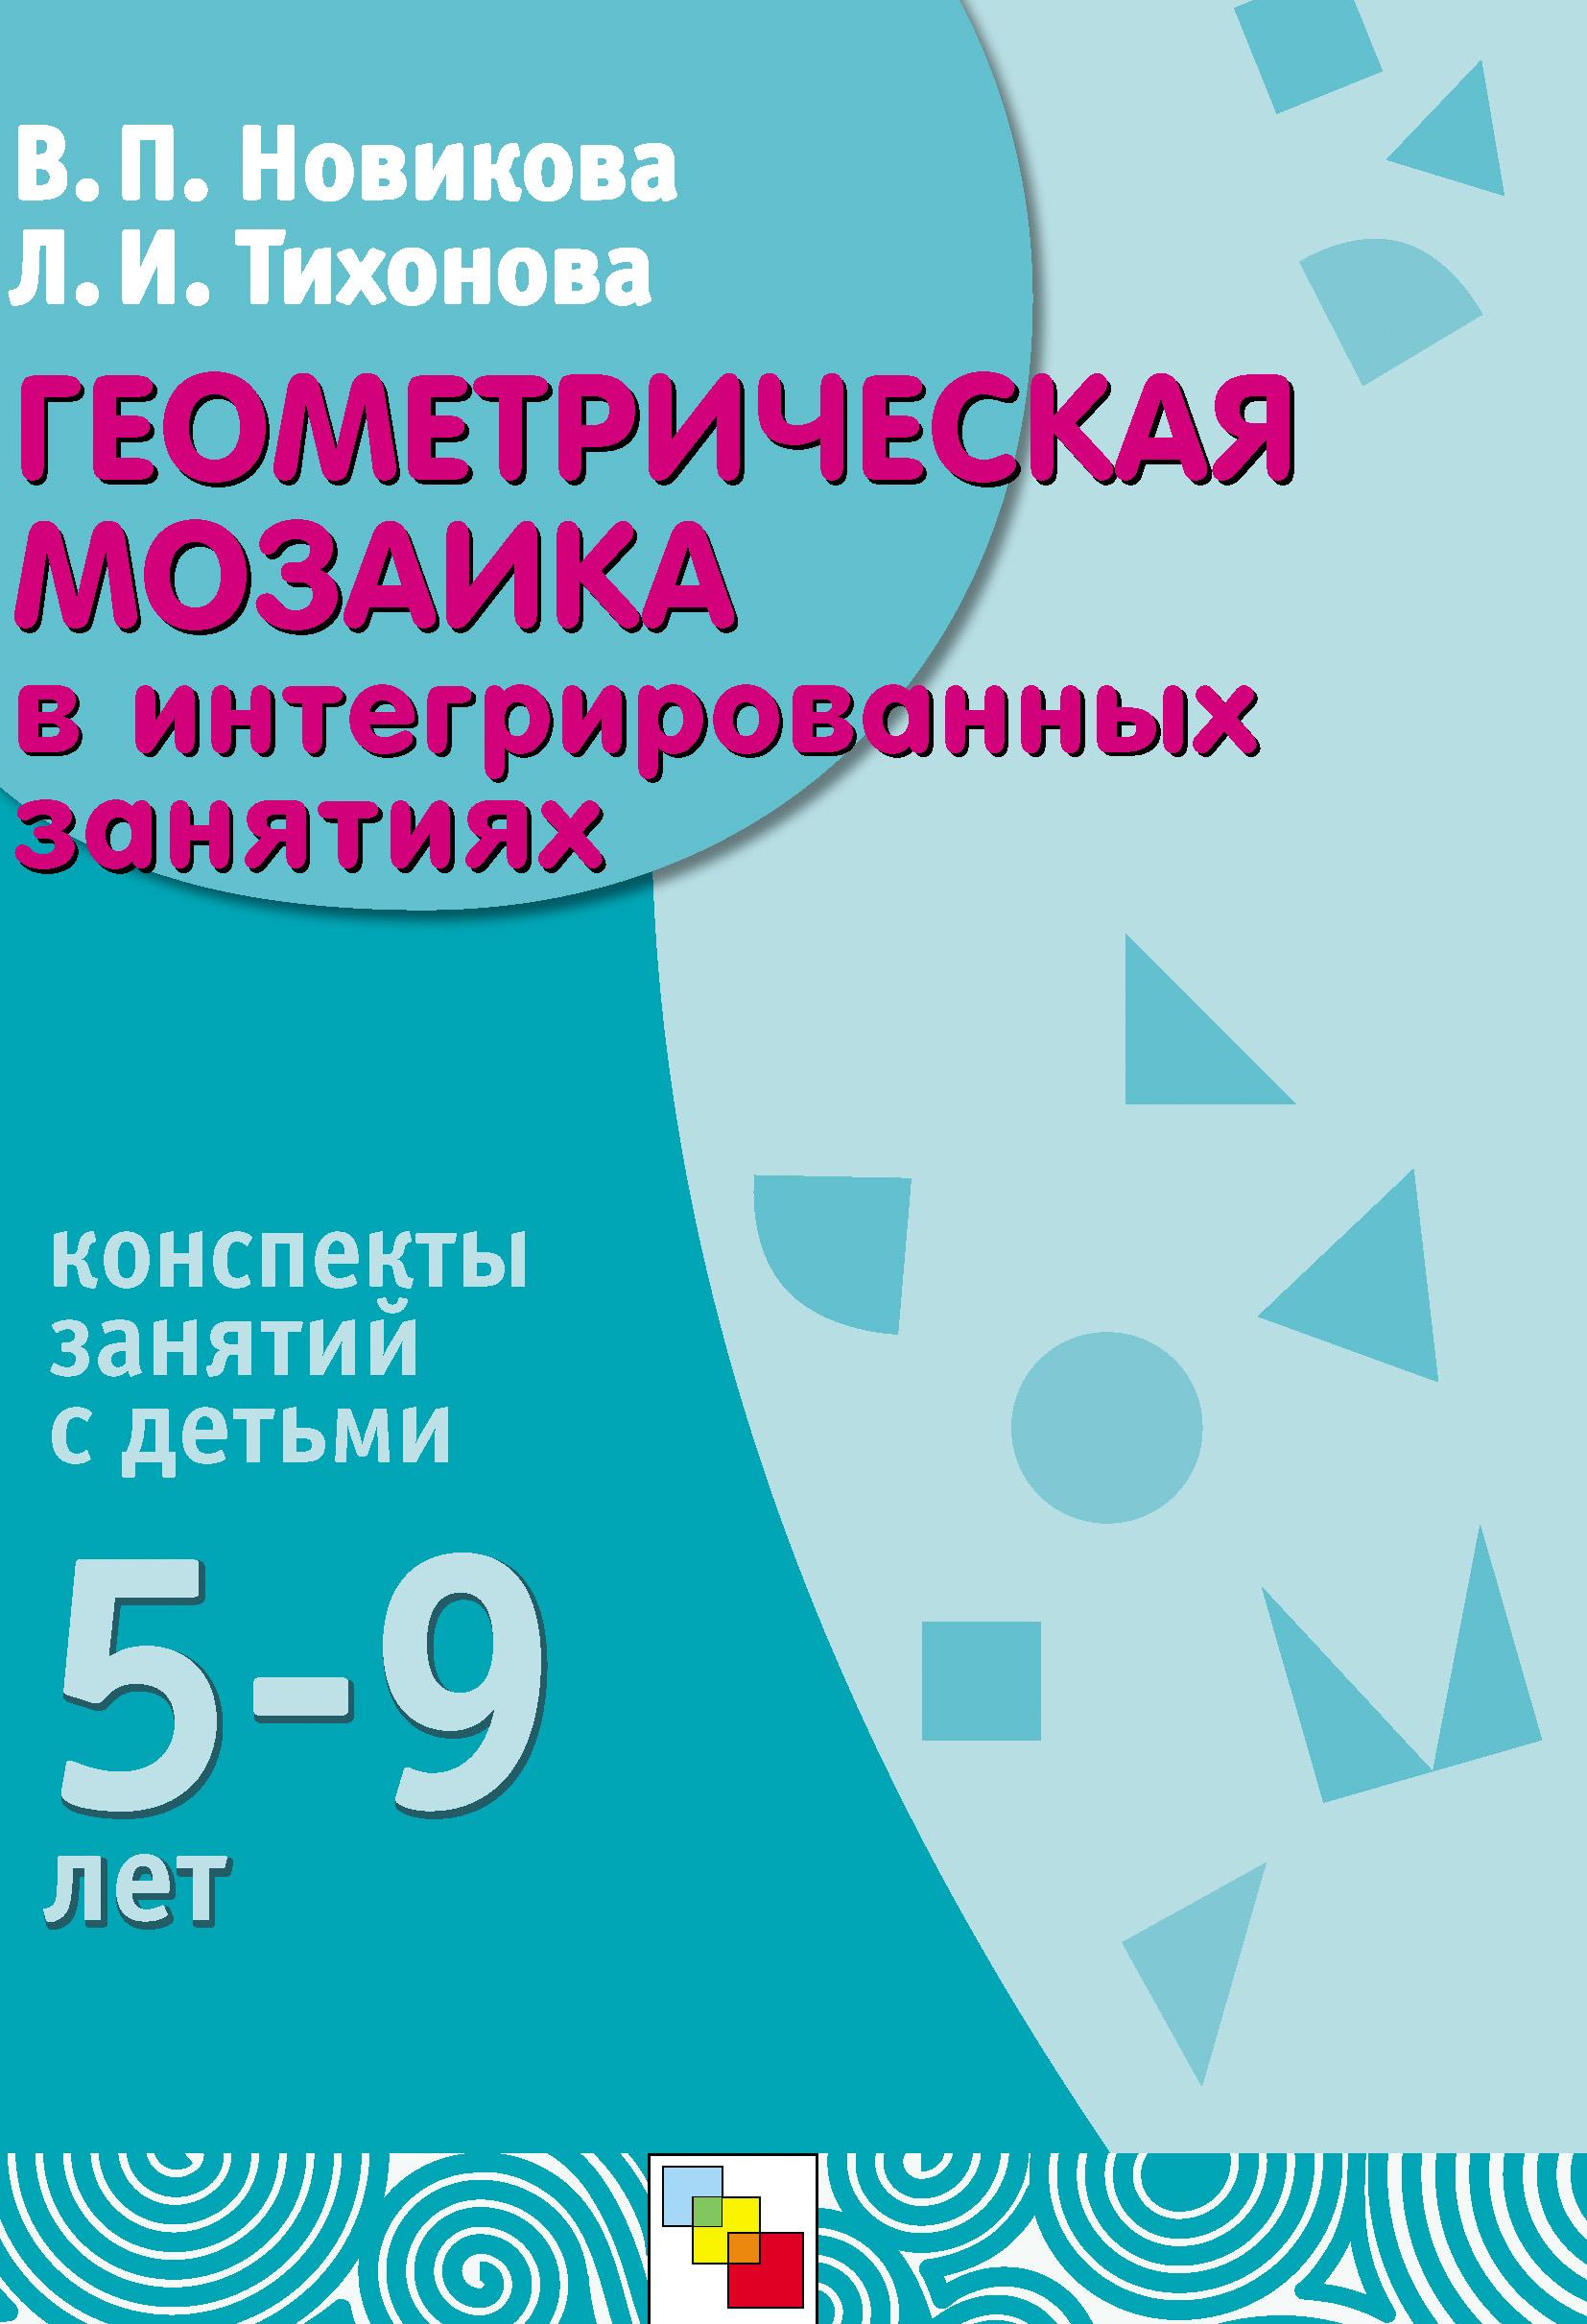 В. П. Новикова Геометрическая мозаика в интегрированных занятиях. Конспекты занятий с детьми 5-9 лет набор геометрических фигур в пакете с европодвесом fancy геометрическая мозаика